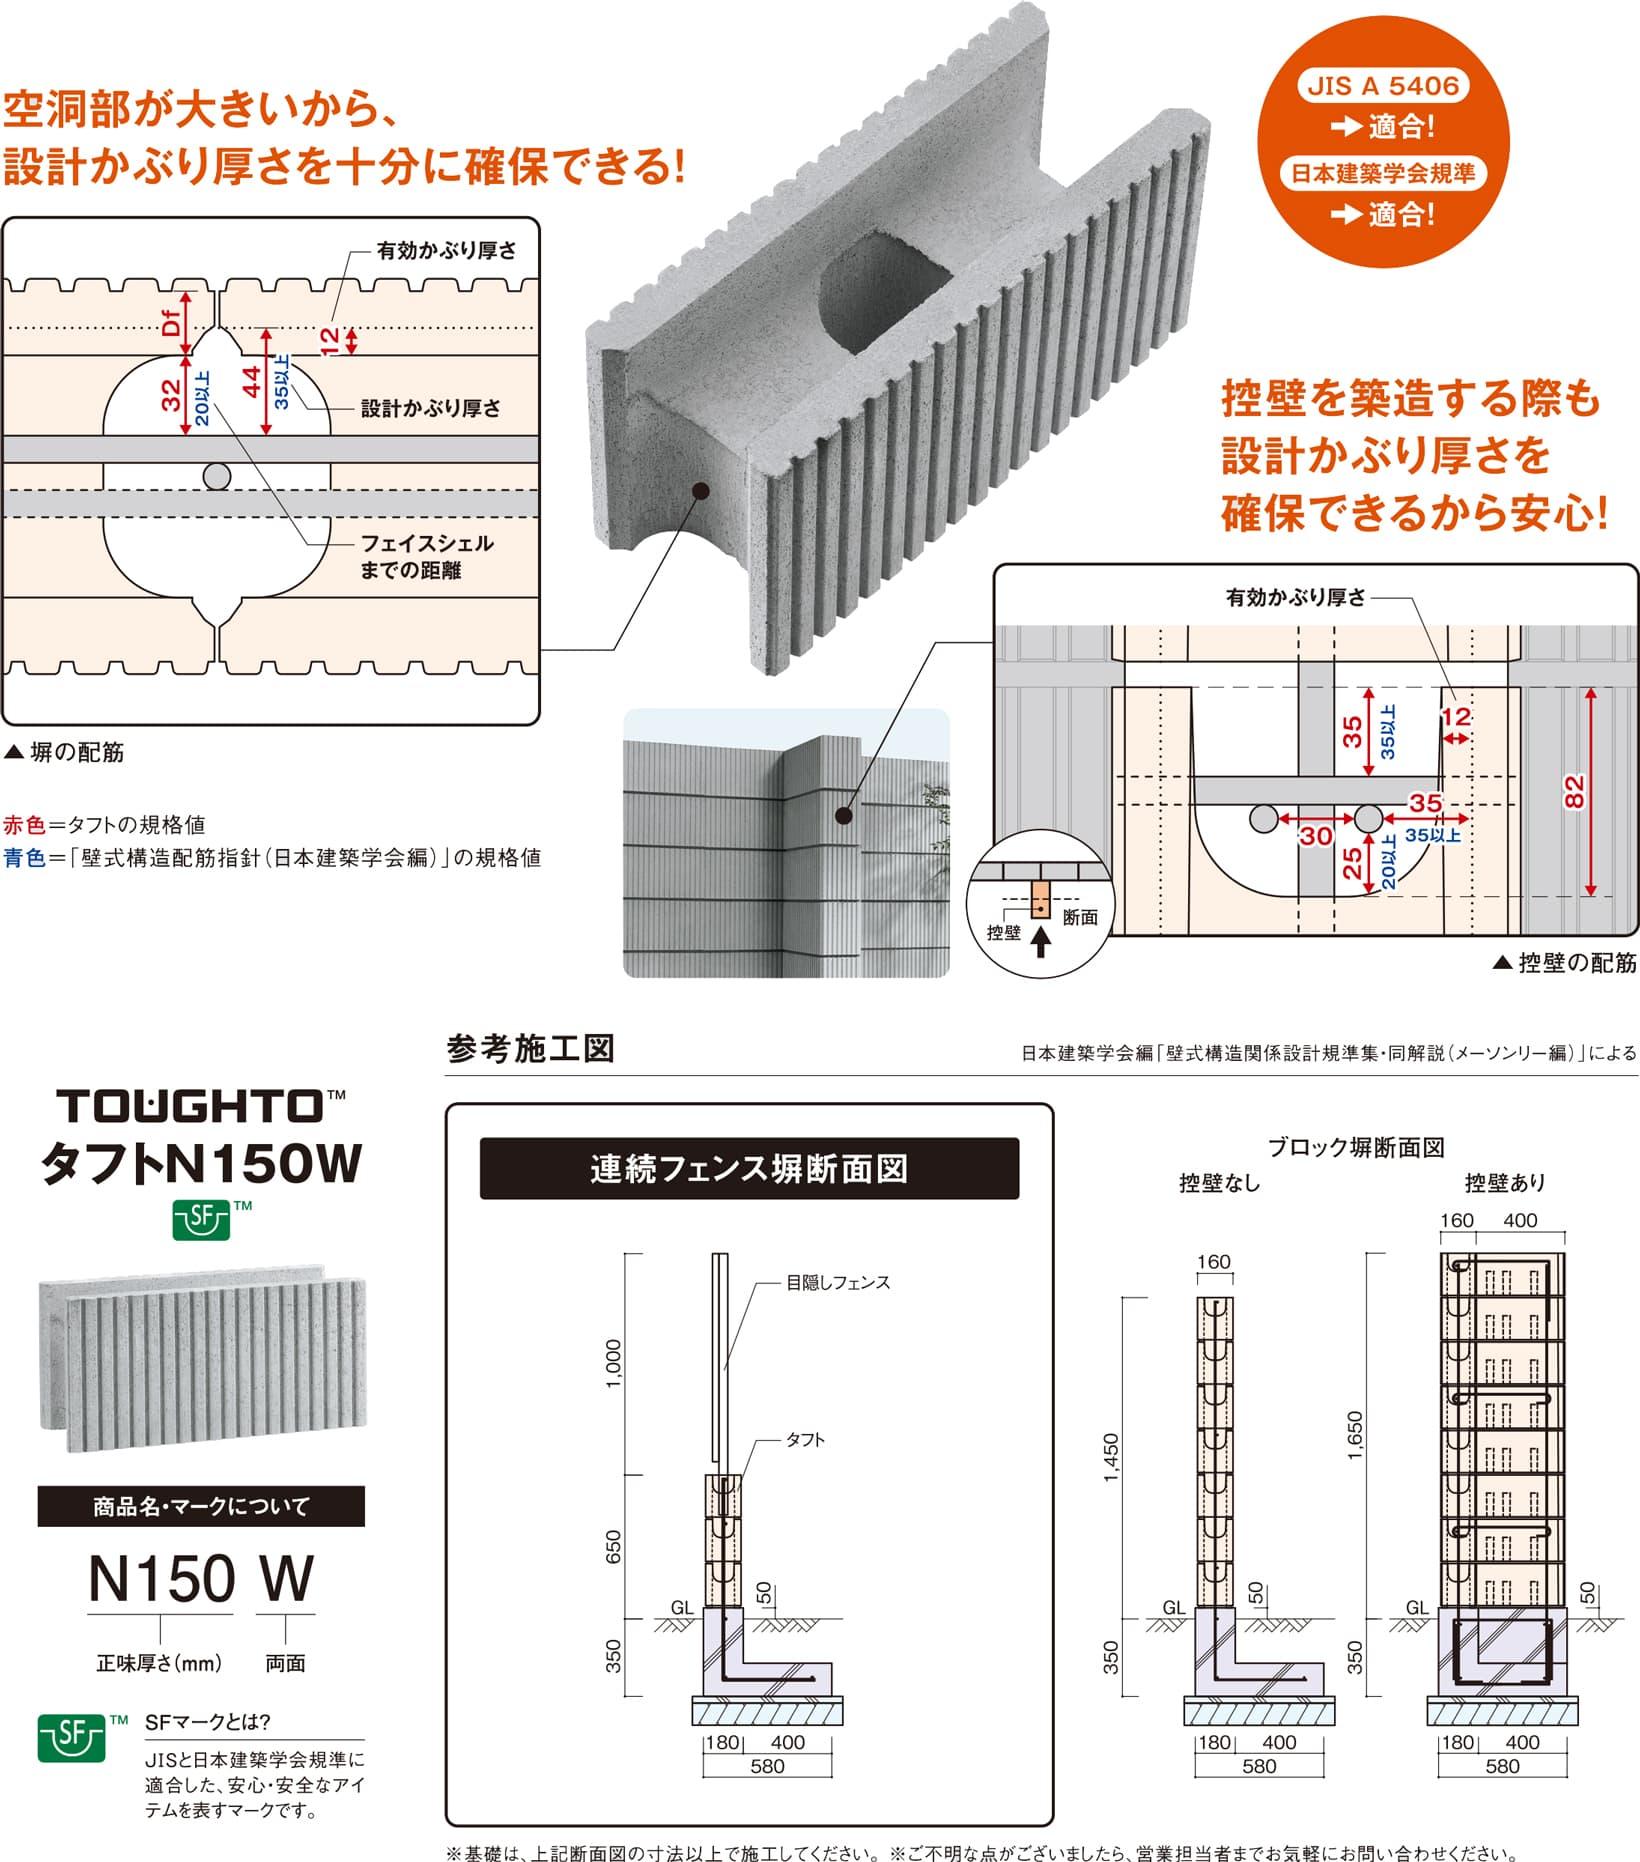 タフト_日本建築学会規準